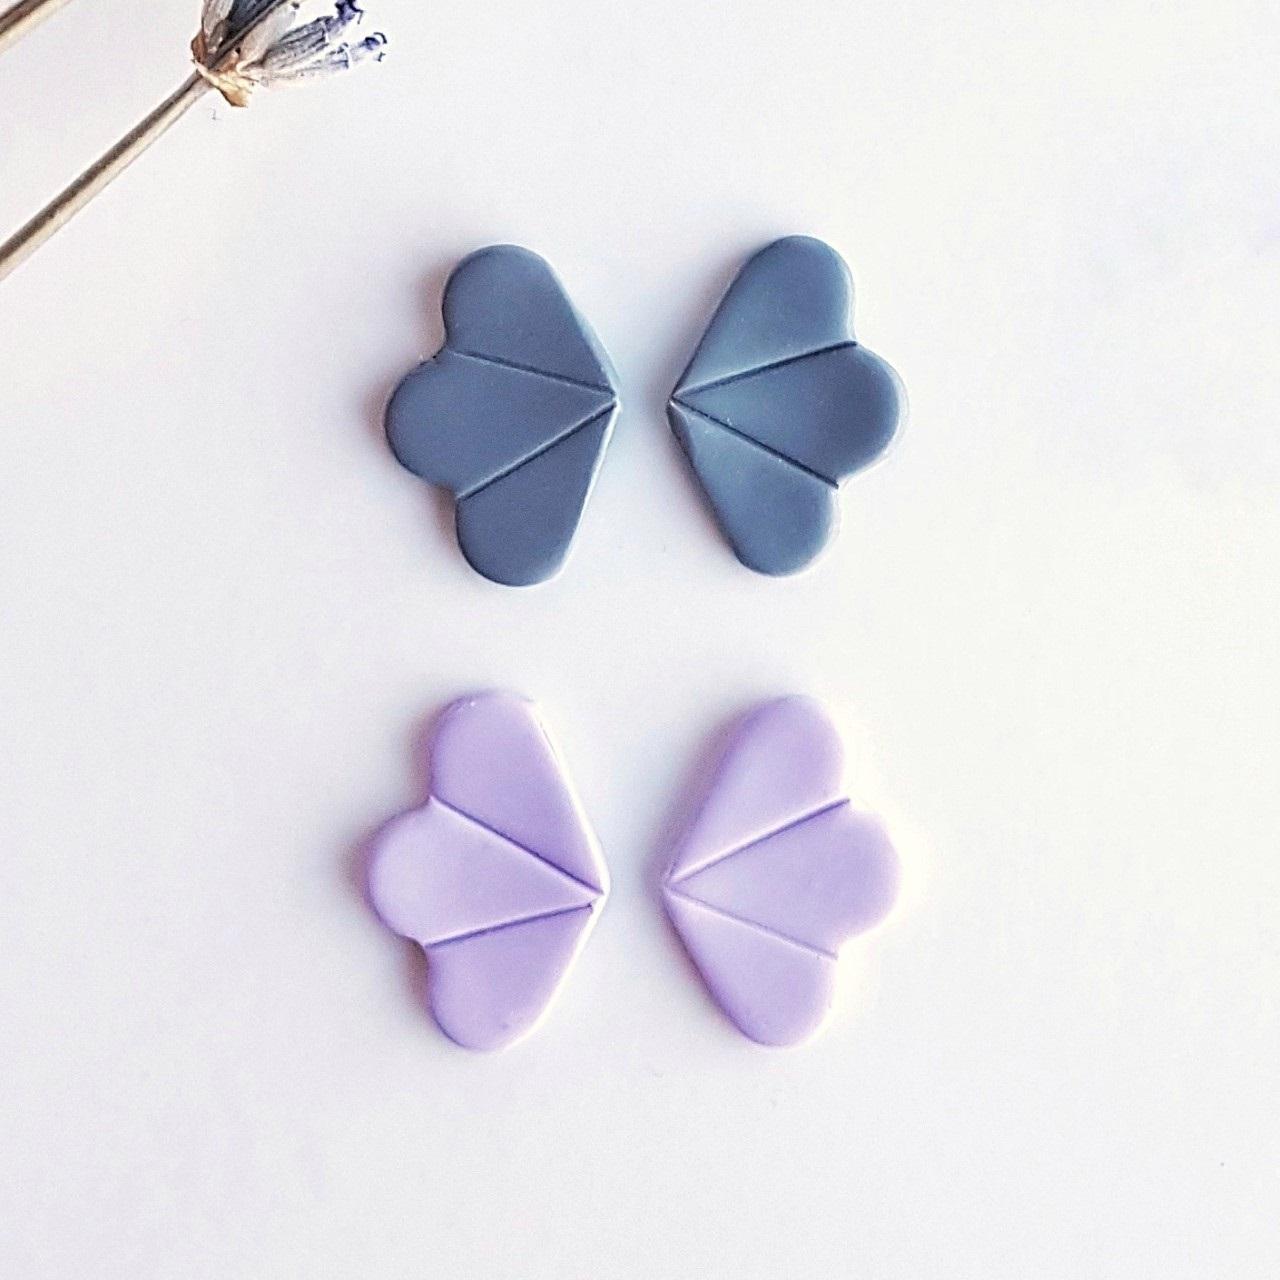 Pendiente abanico gris y lila